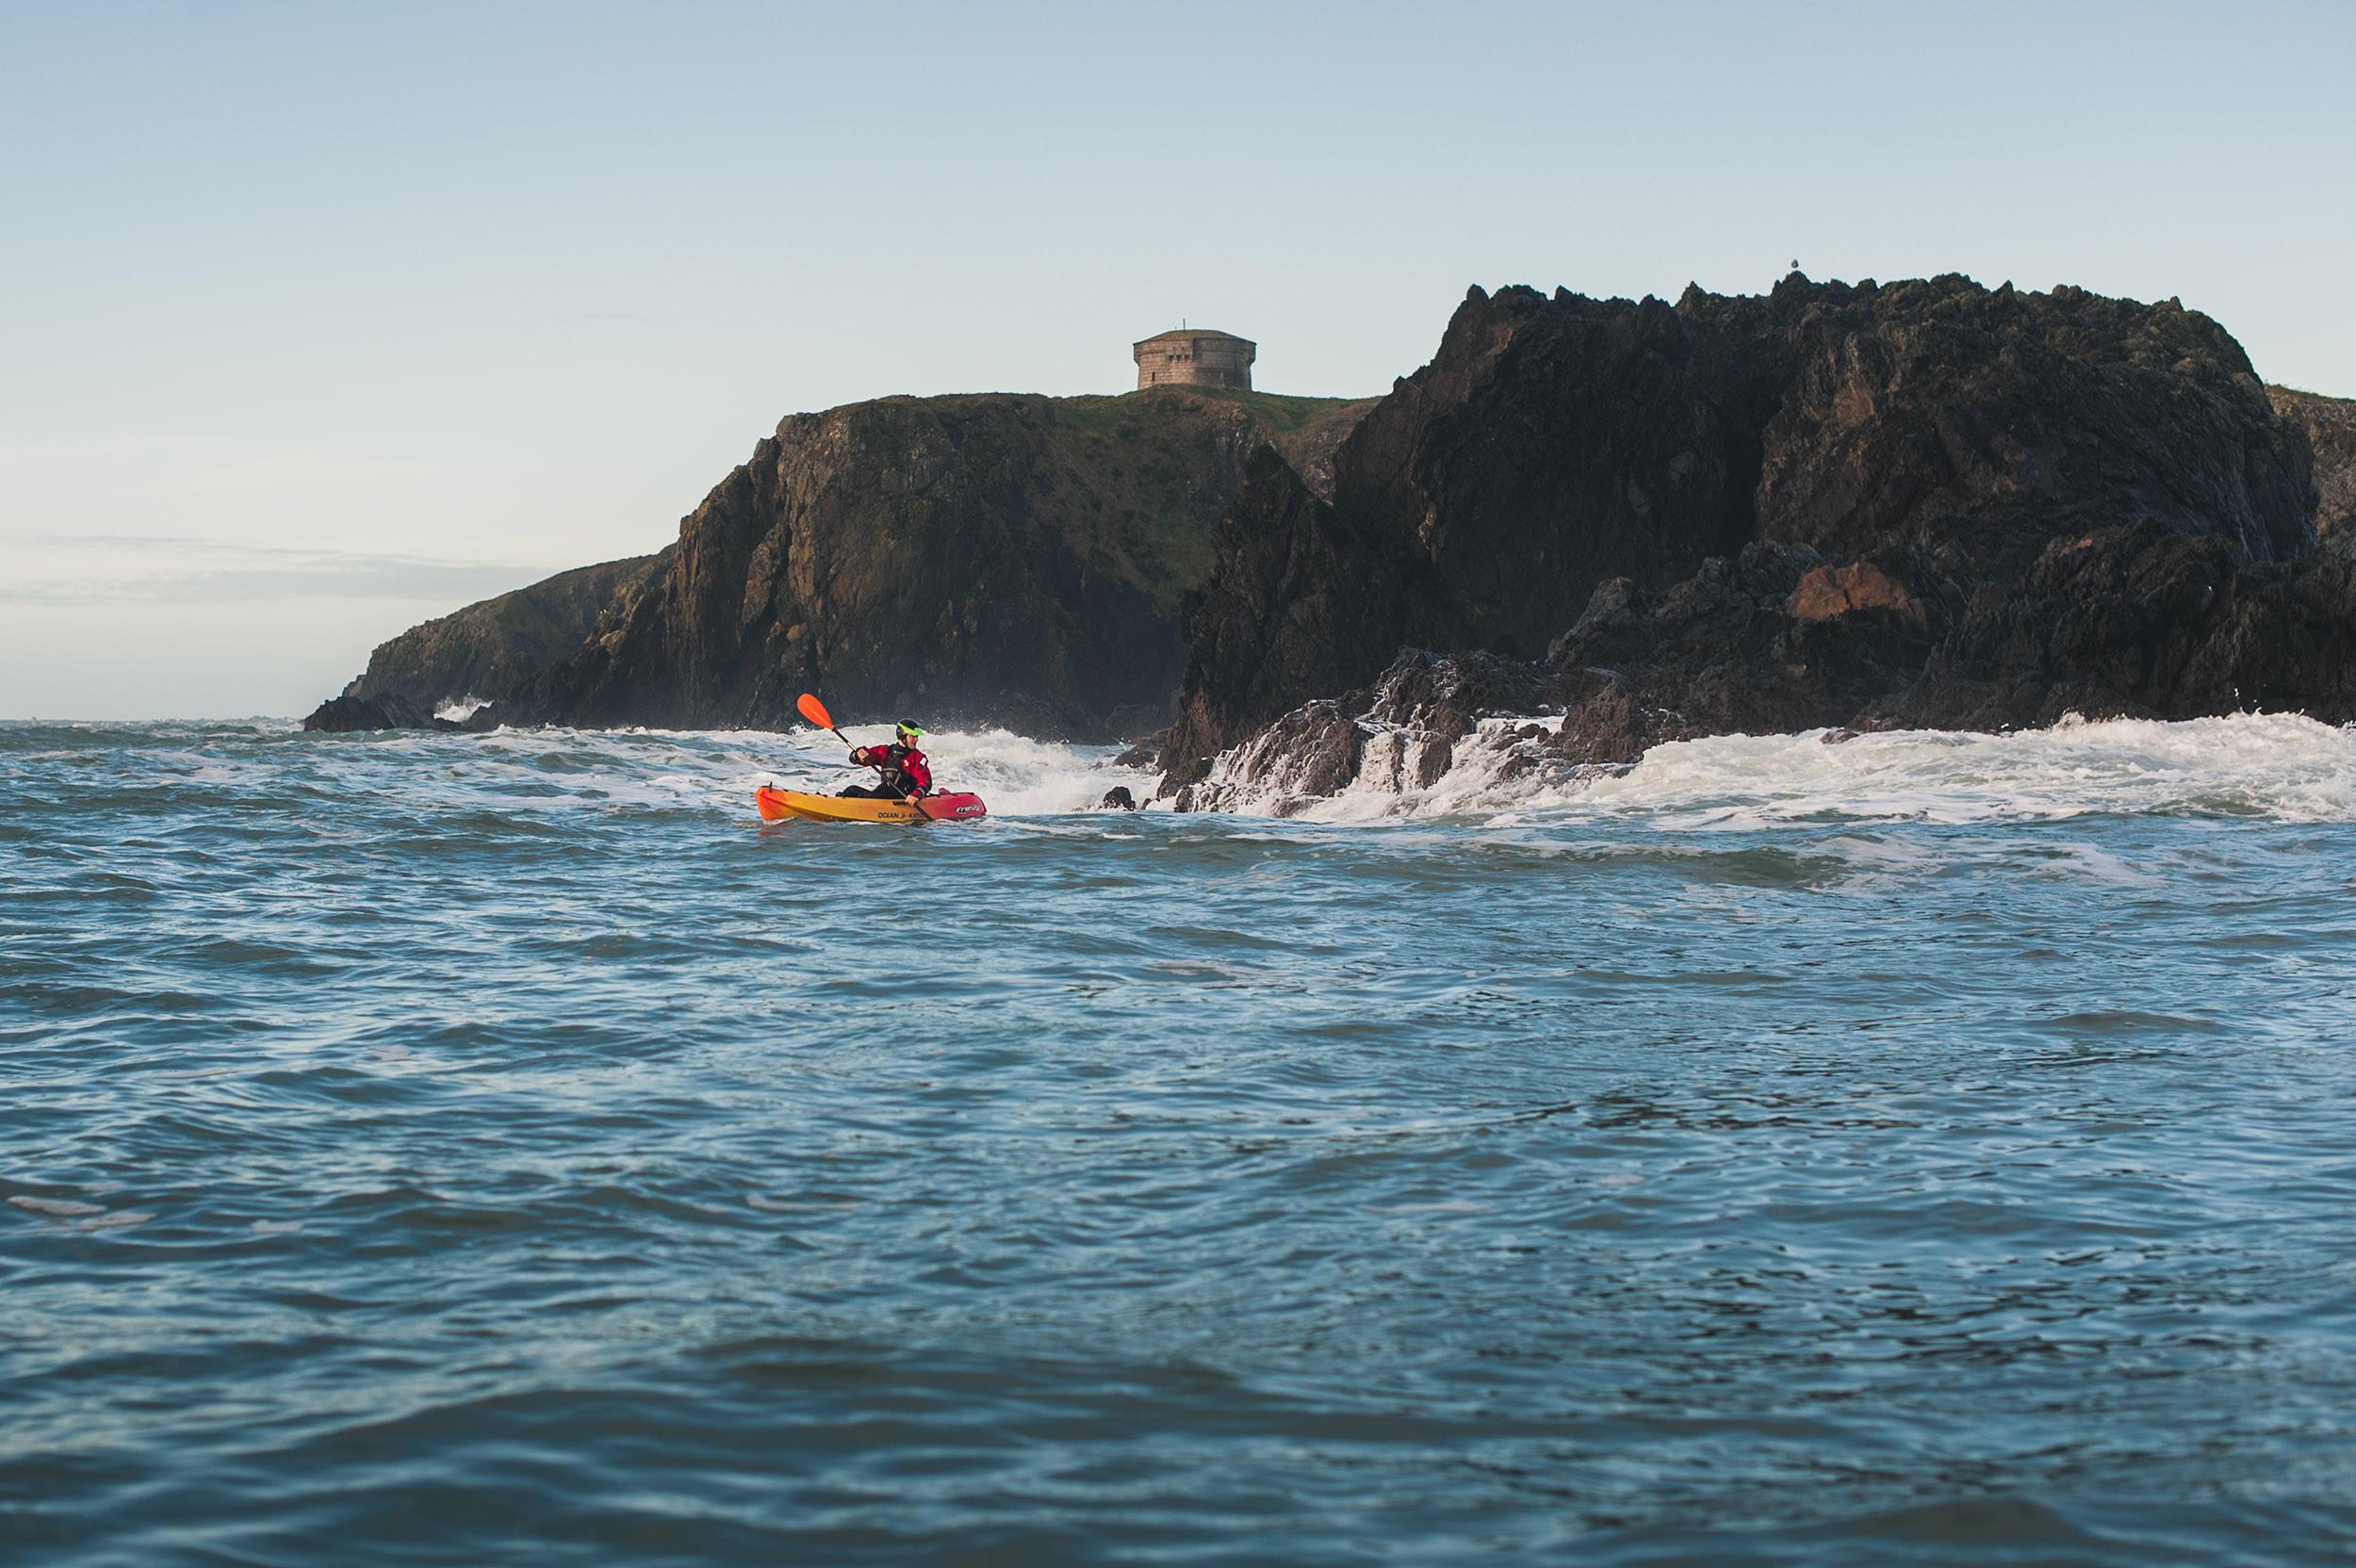 10-outdoor-seak-kayaking-kayak-adventure-ireland-hook-penninsula.jpg